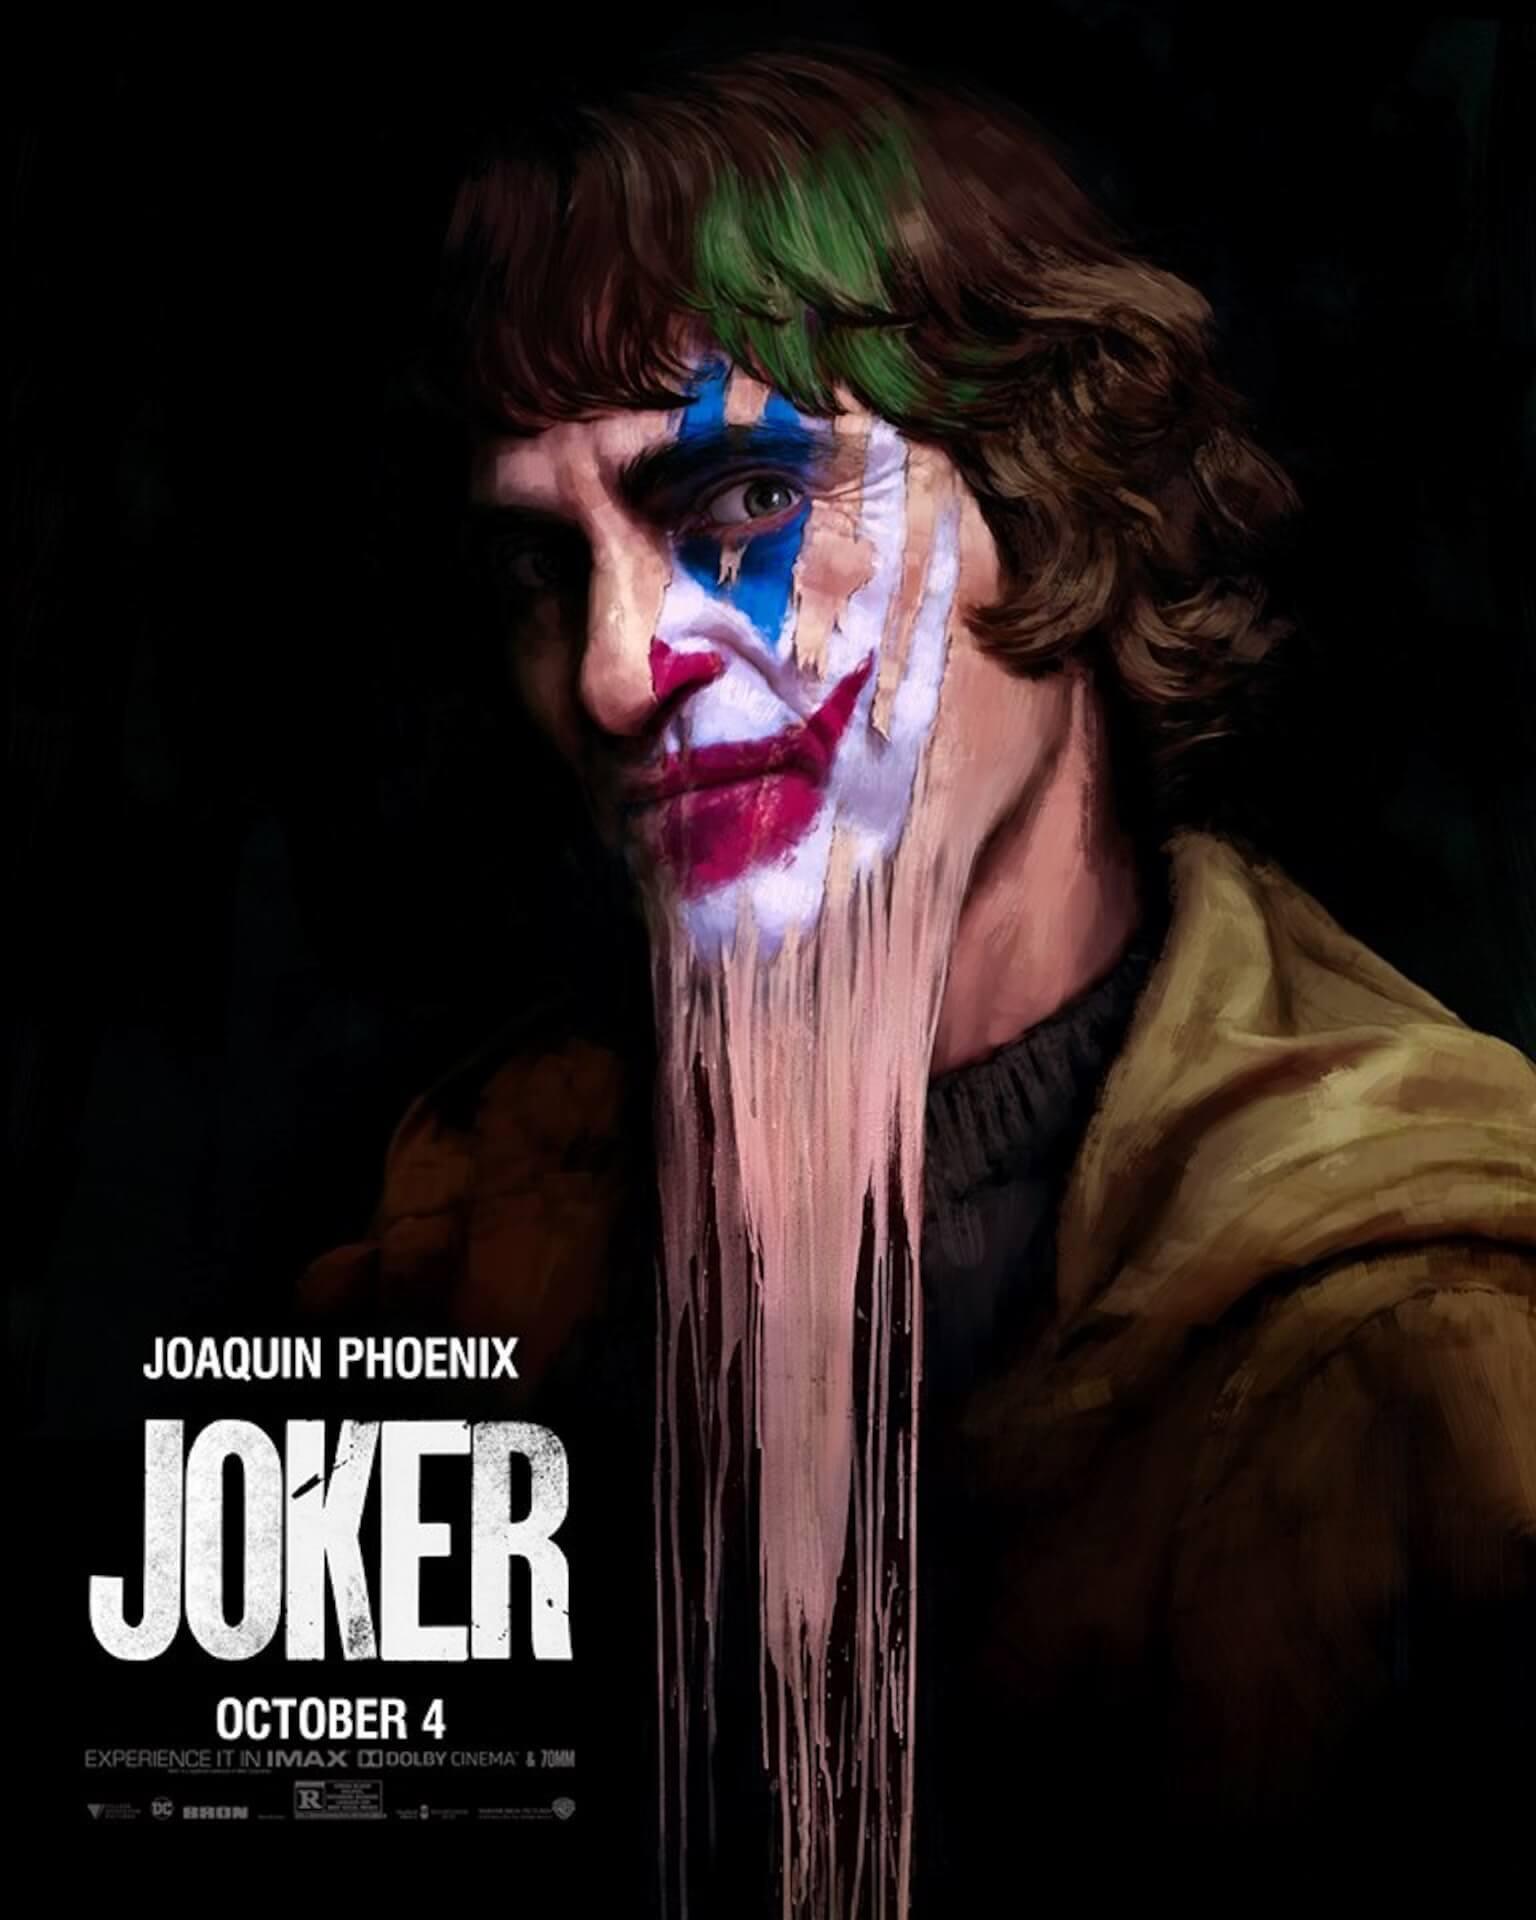 『ジョーカー』監督トッド・フィリップスが問題発言?「ウォーク・カルチャーのせいでコメディが撮れない」 film191004_joker_toddphillips_1